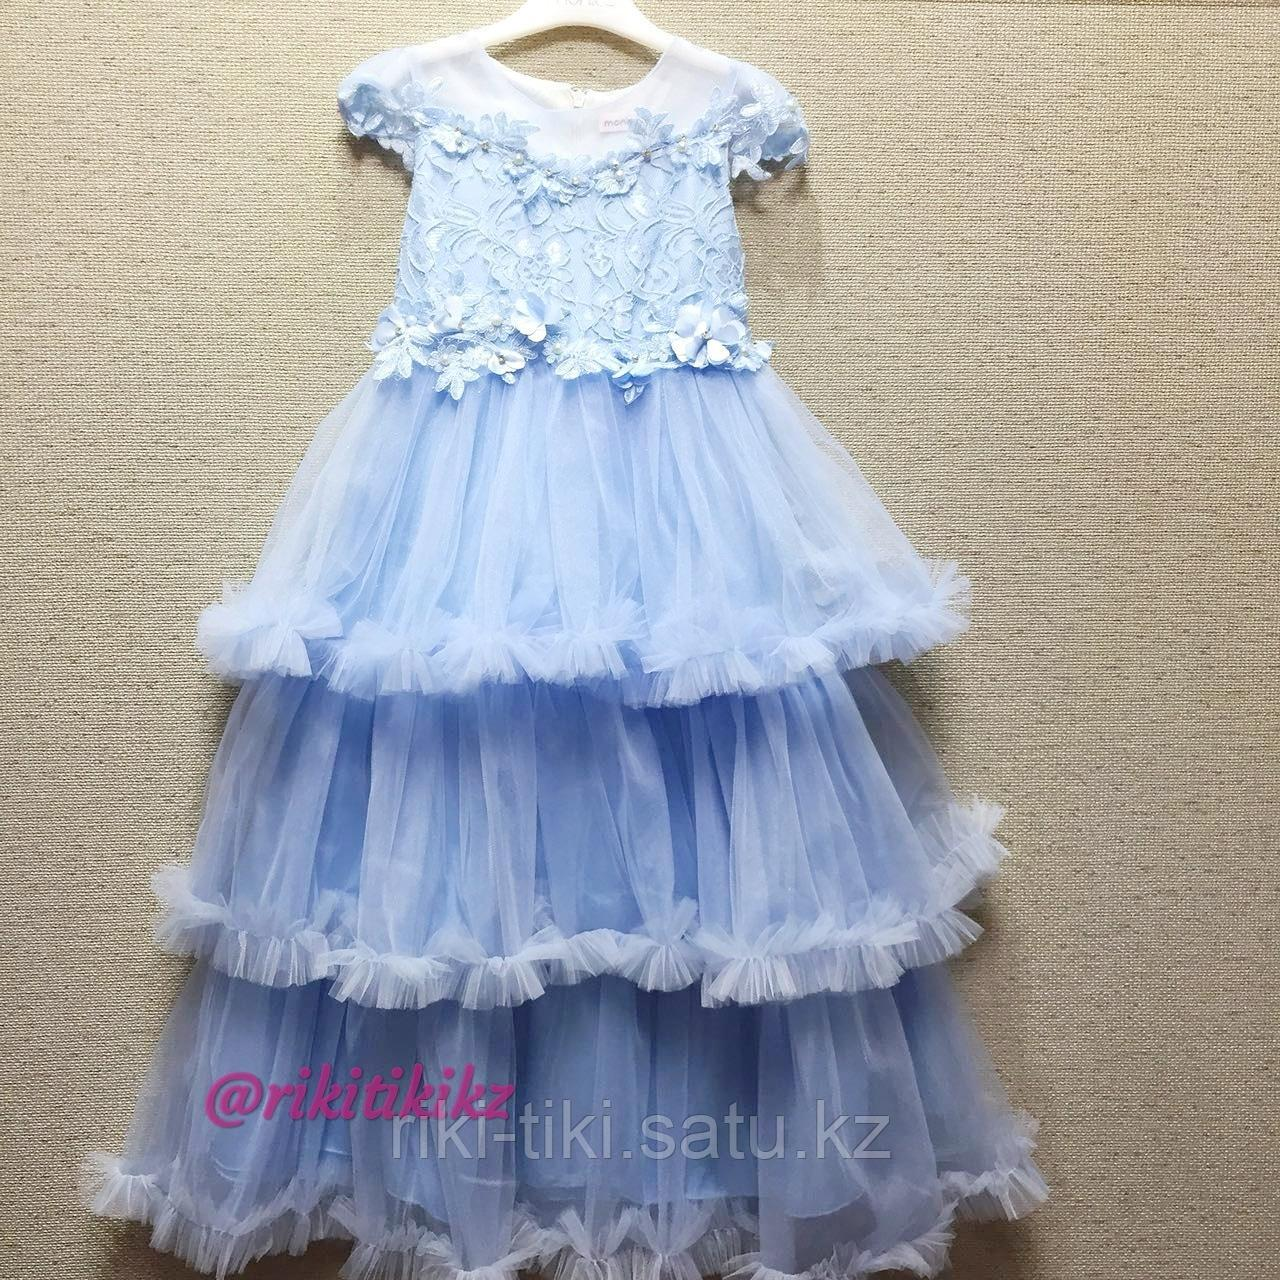 Нарядное платье нежно голубого цвета